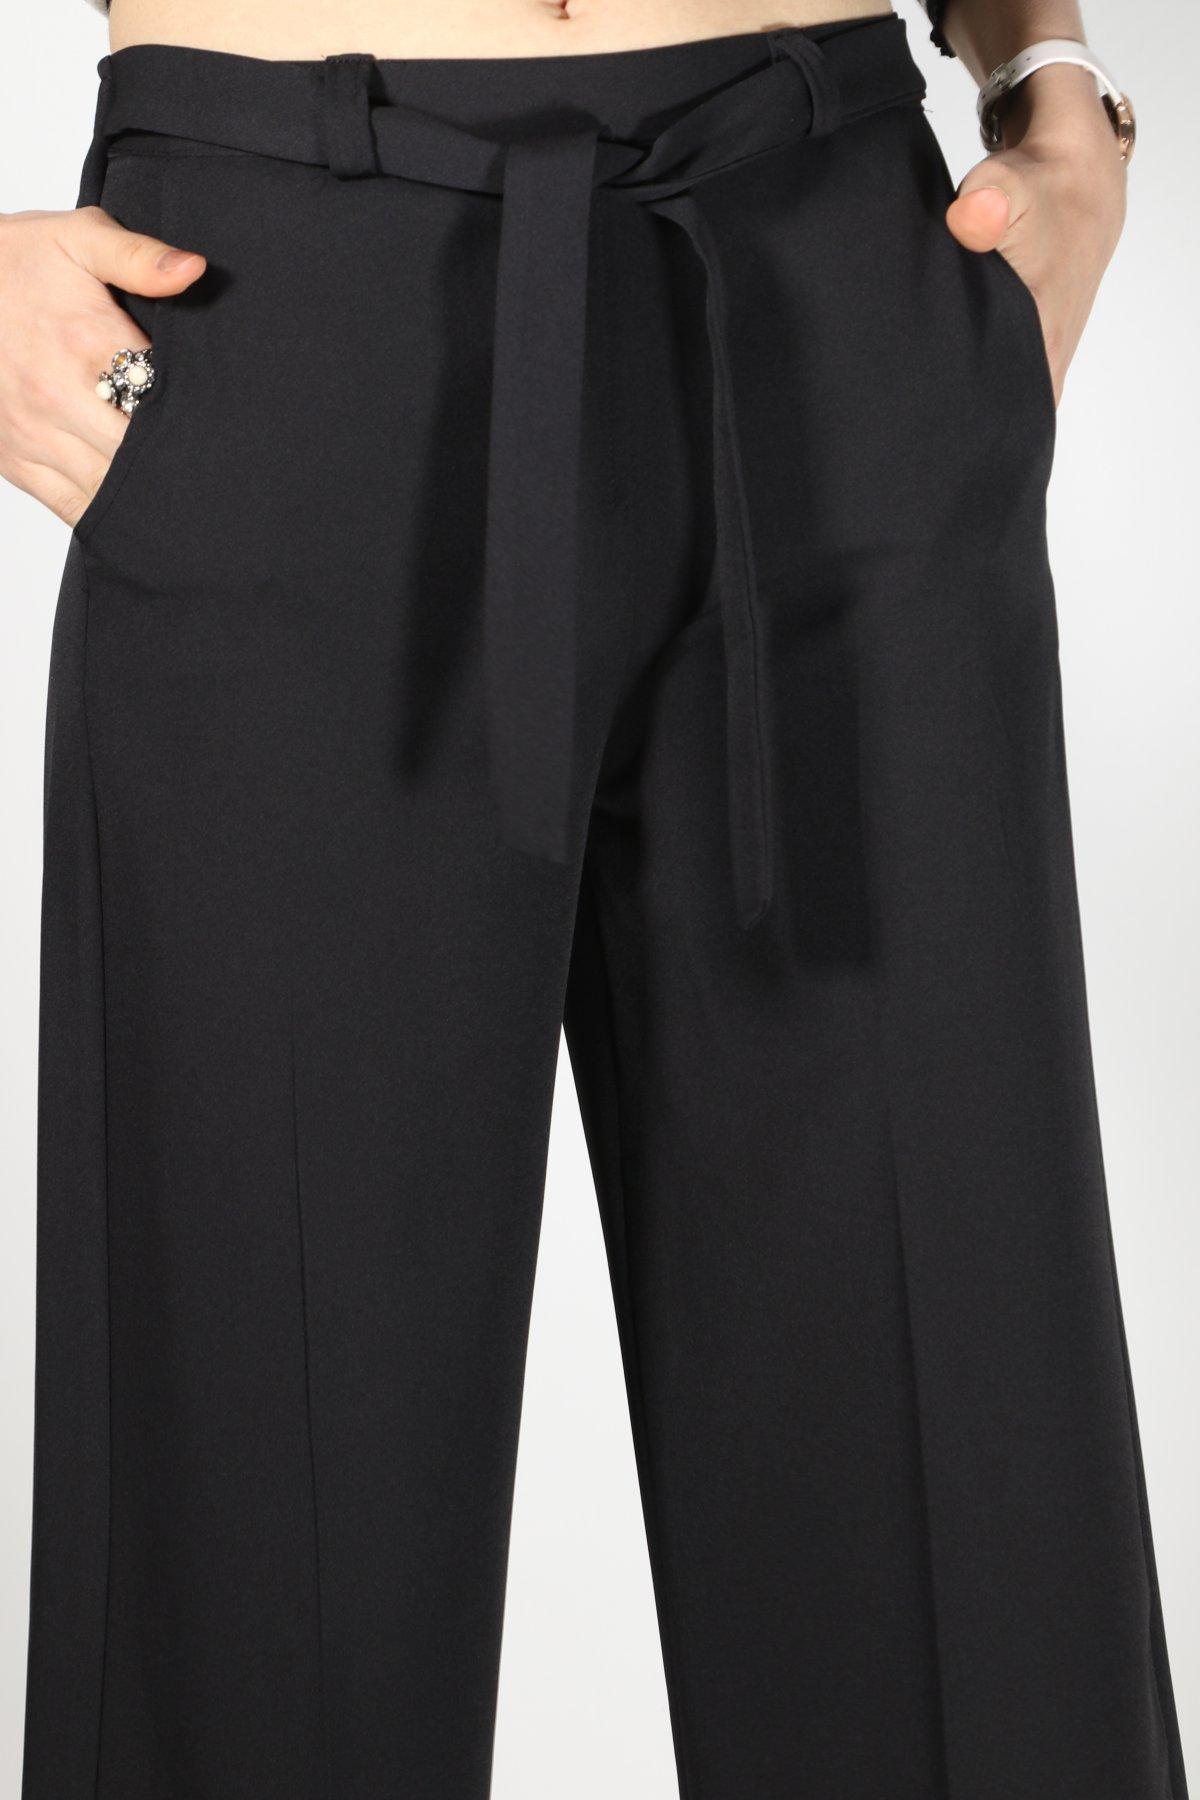 Bel Lastik Kuşaklı Pantolon